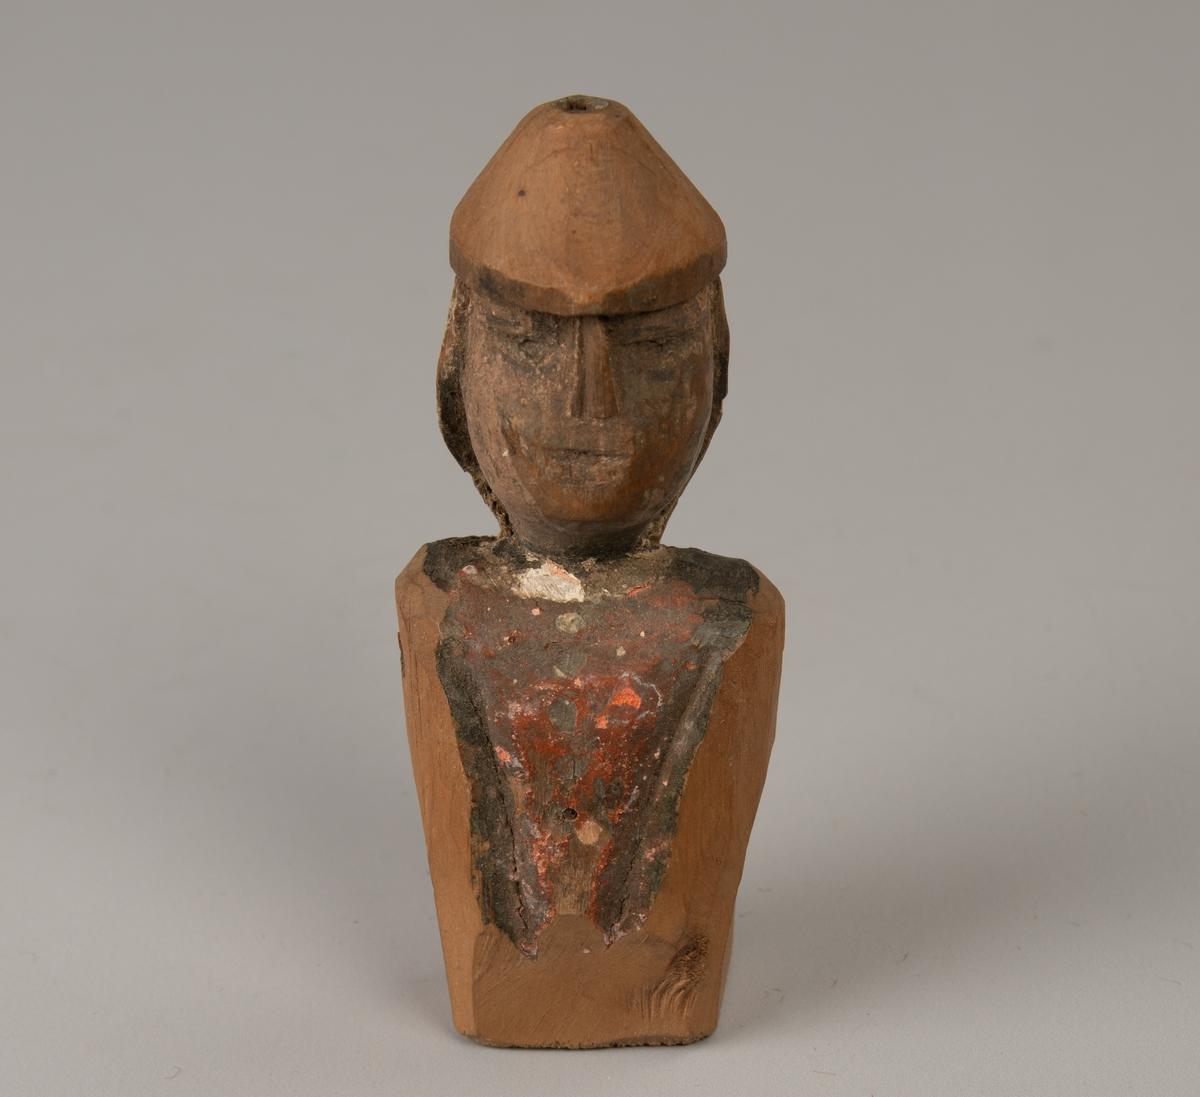 """Ovalt hode med rett nese helt opp til den pyramideformede hatt,  hull i toppen.  Smale øyne, rett munn, skjev i forhold til nesen. Mørkt ansikt og skuldre og  trekantet stykke på forkroppen. Skuldre og nedre del er umalt,  med rektangulær bunnflate. Over bakhodet hvitt """"hår"""" eller tekstil."""